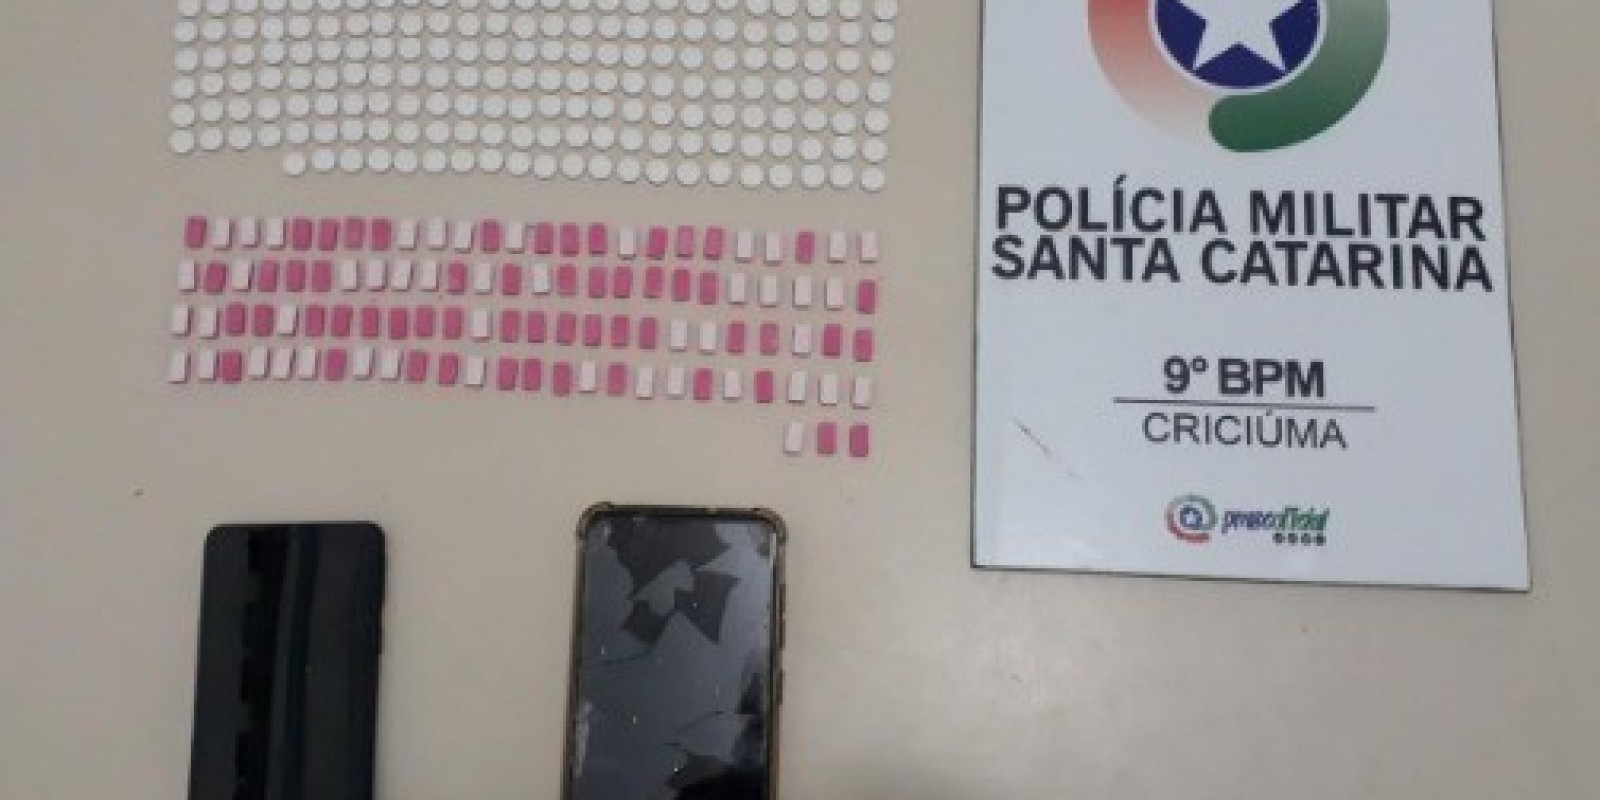 Após denúncia, Polícia Militar apreende quase 400 comprimidos de ecstasy em Criciúma